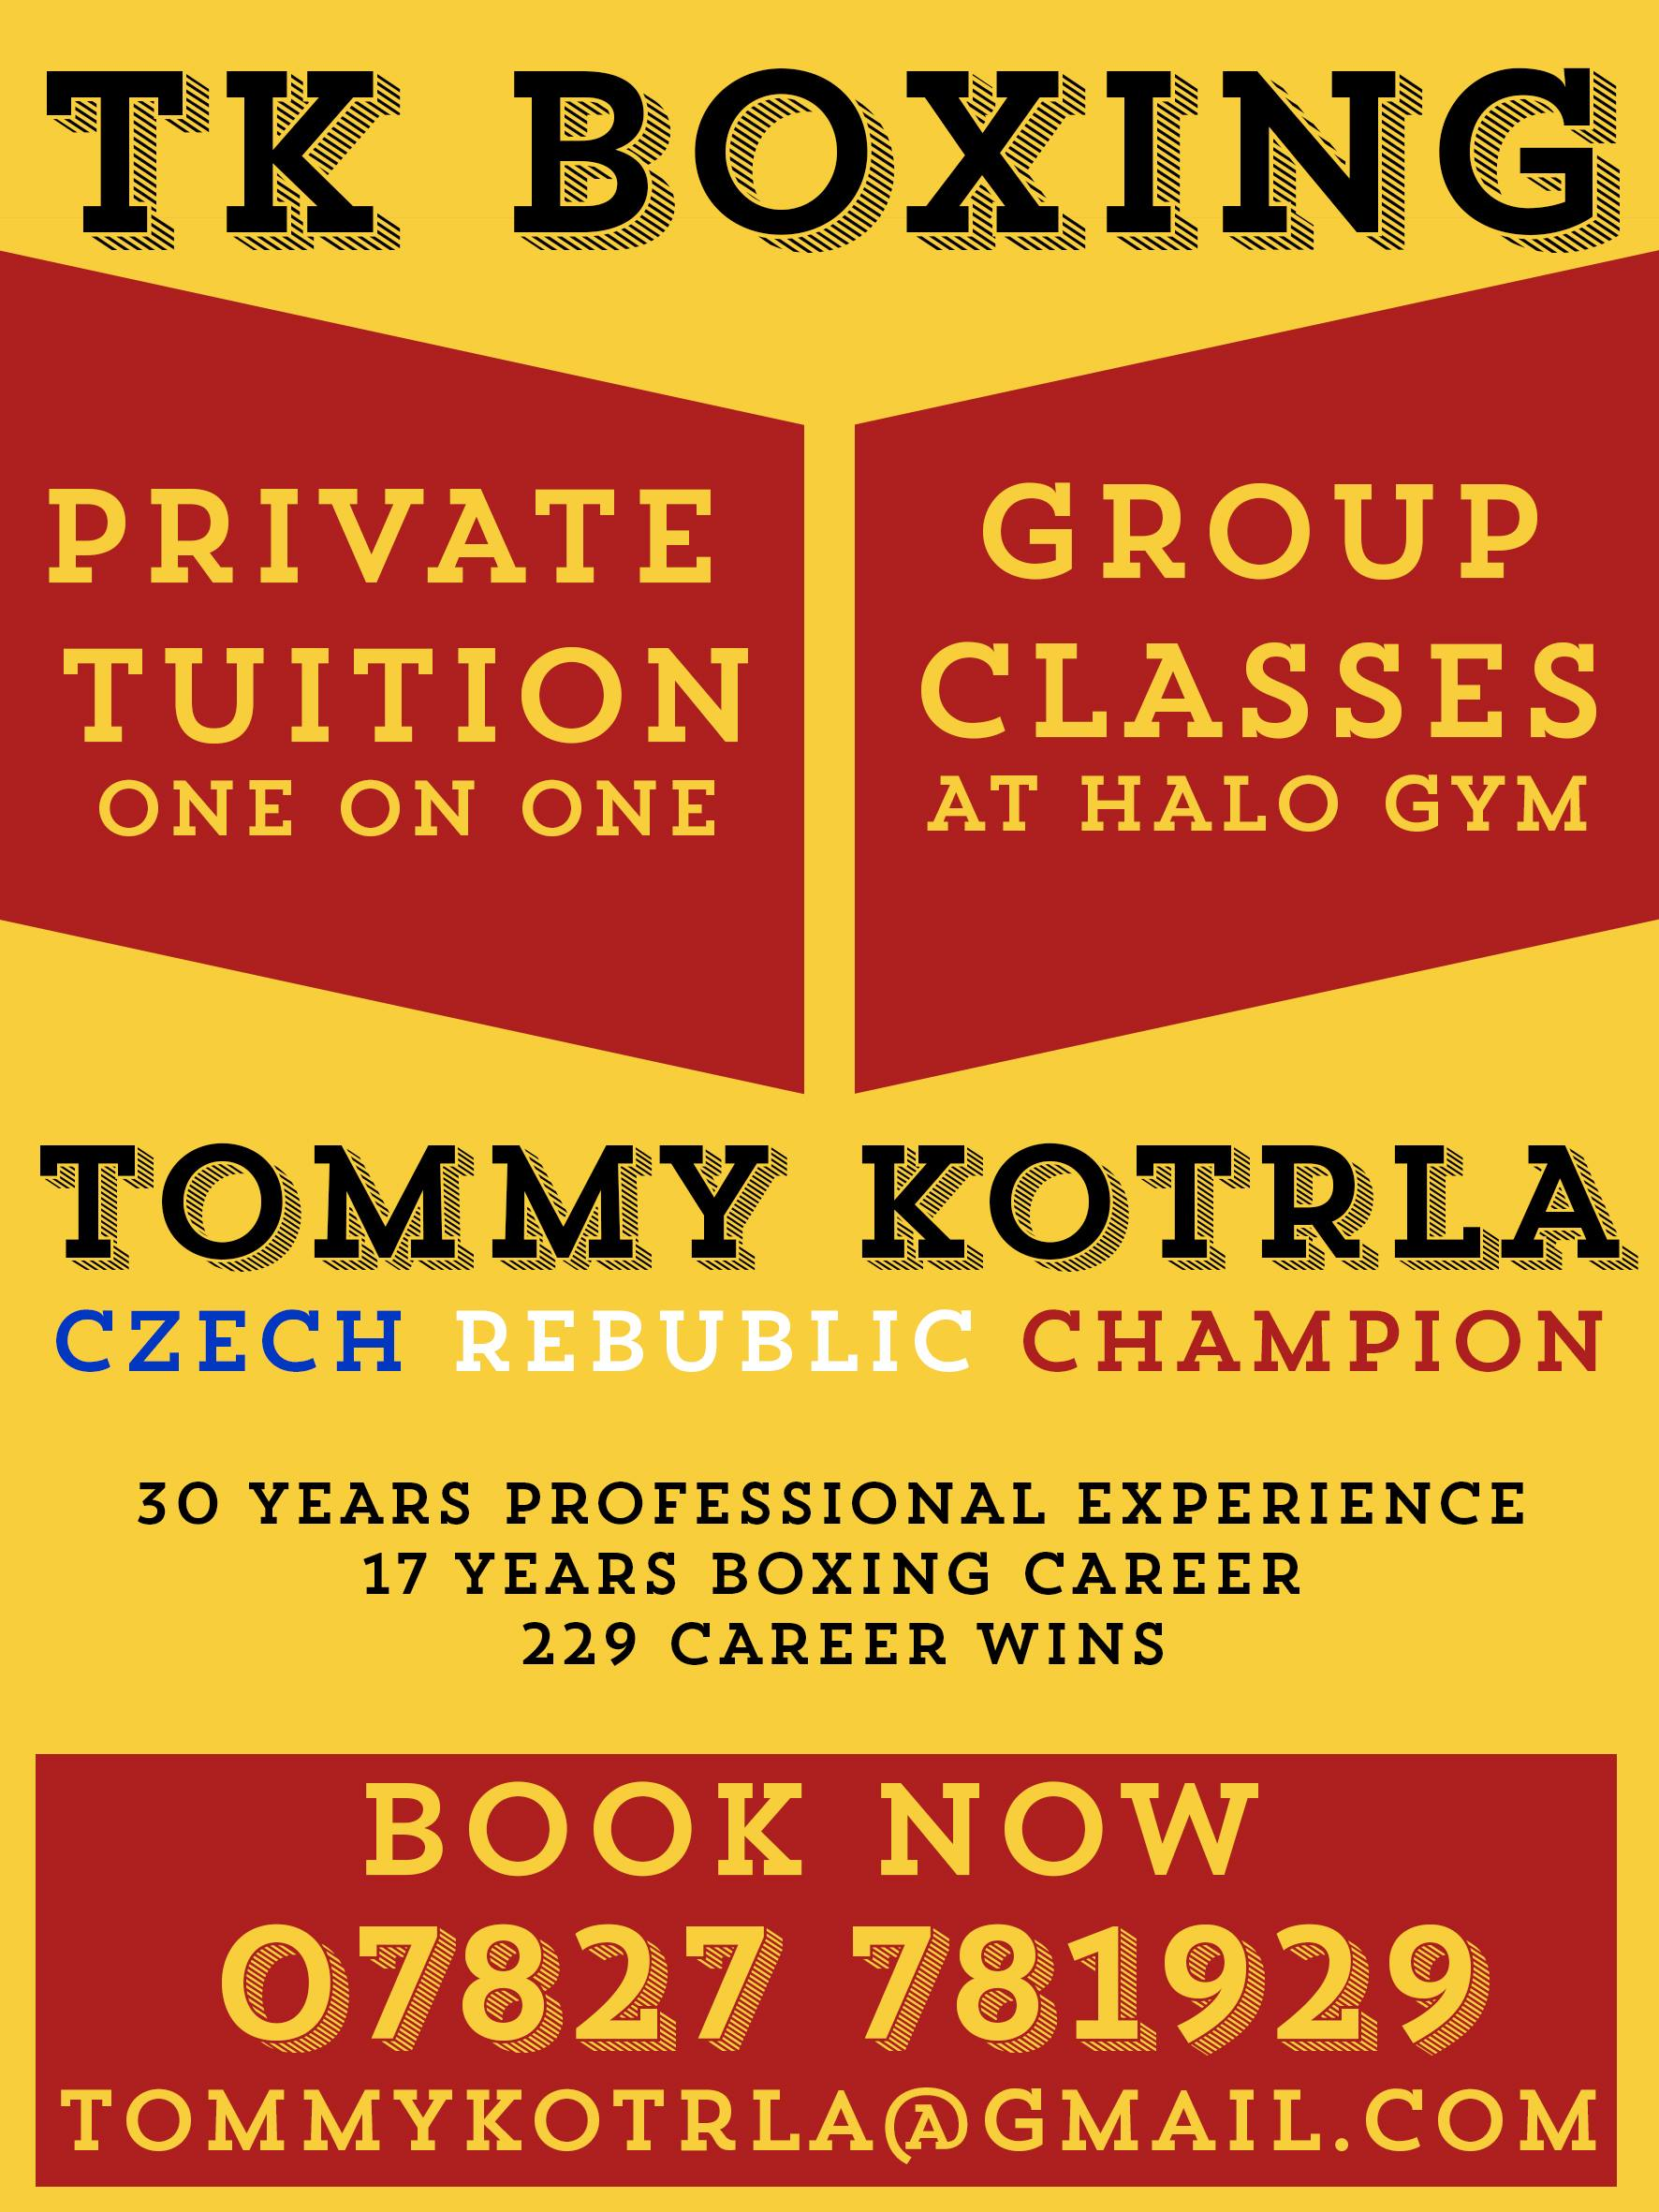 tkboxing leaflet